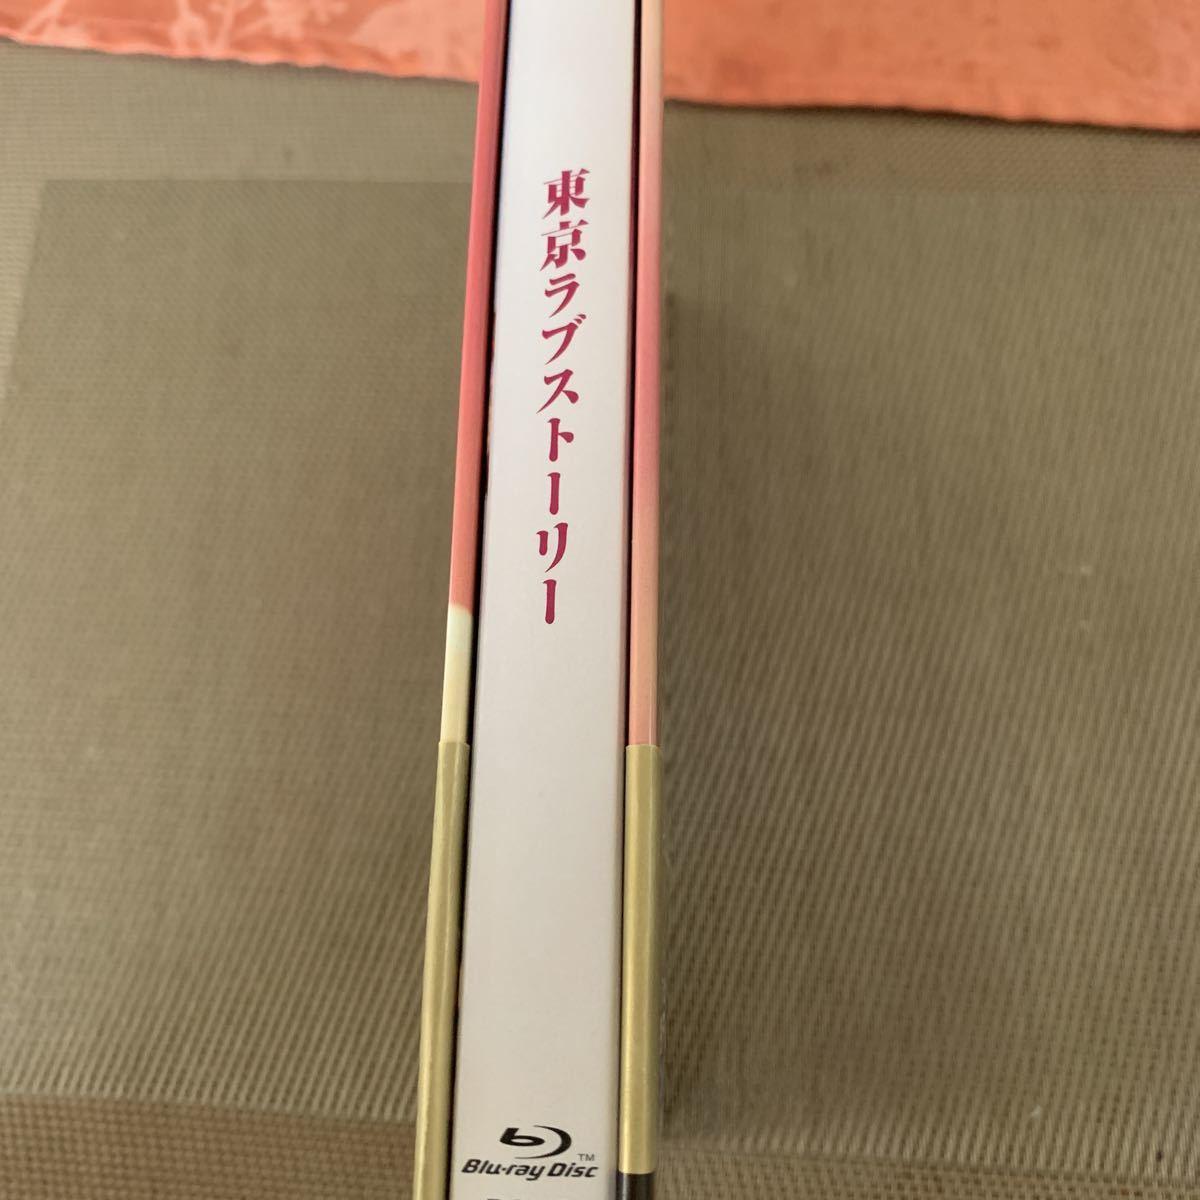 東京ラブストーリー フジテレビ名作ドラマブルーレイシリーズ